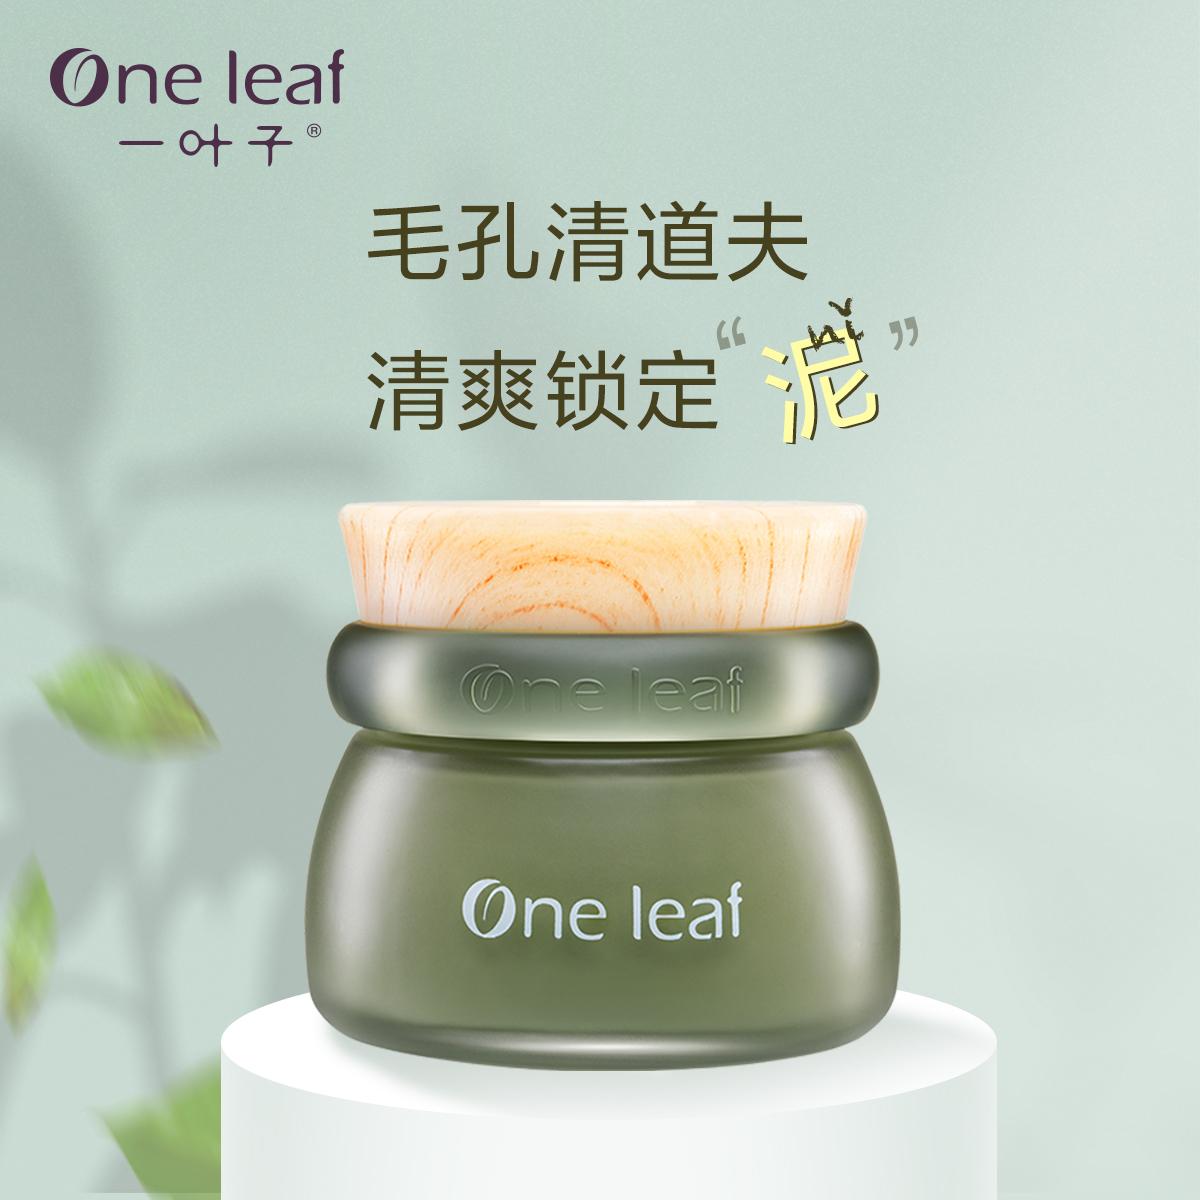 【直播】一叶子绿豆泥膜清洁毛孔补水保湿净化舒缓外用涂抹式图片